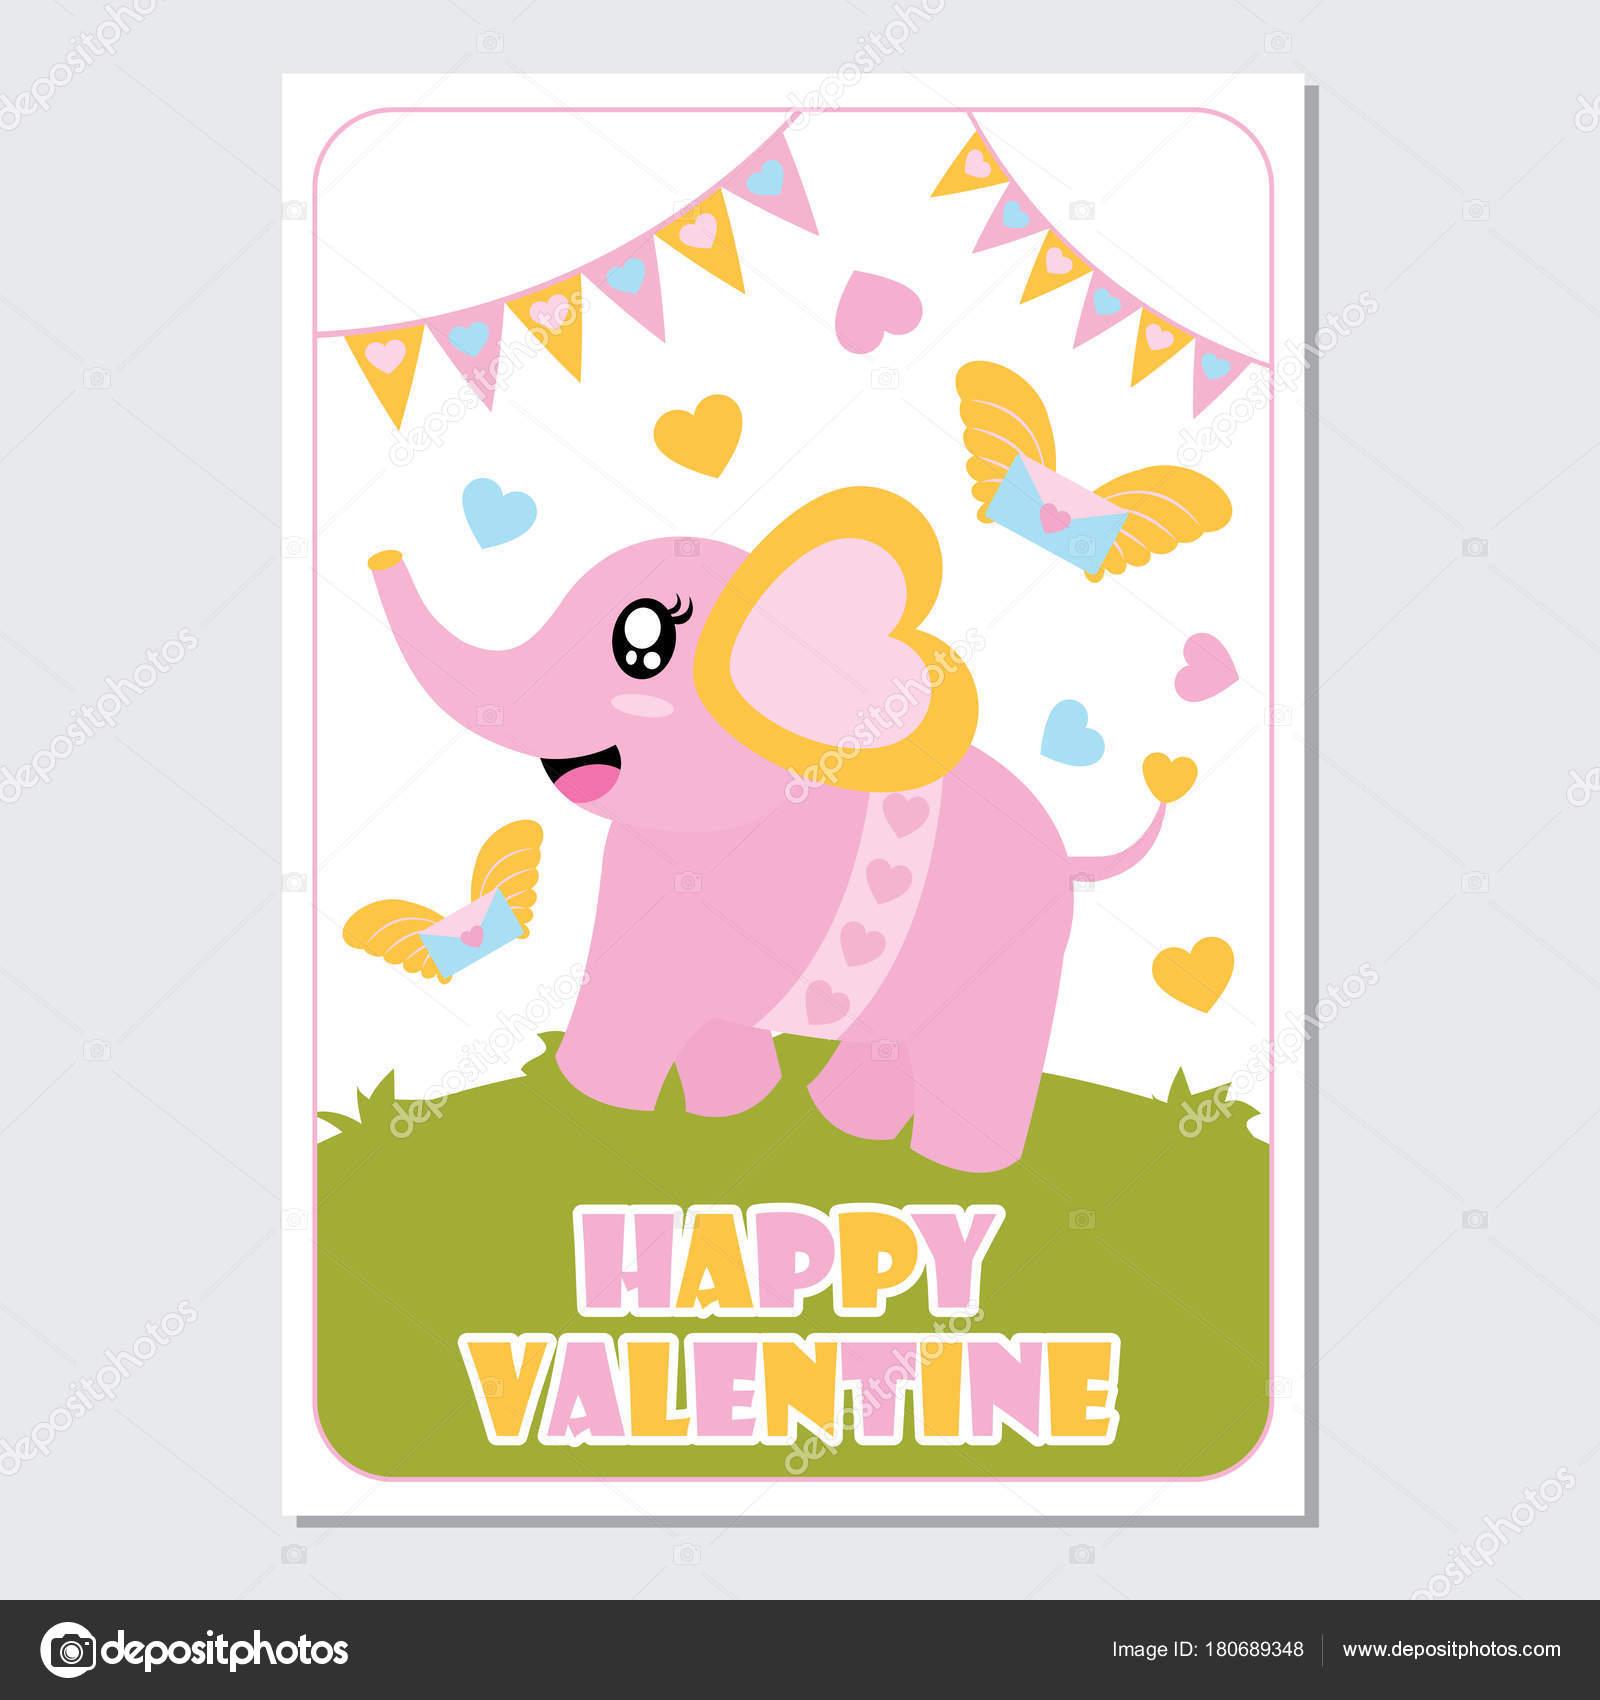 愛の手紙とカラフルな旗布かわいい赤ちゃん象ベクトル幸せなバレンタイン